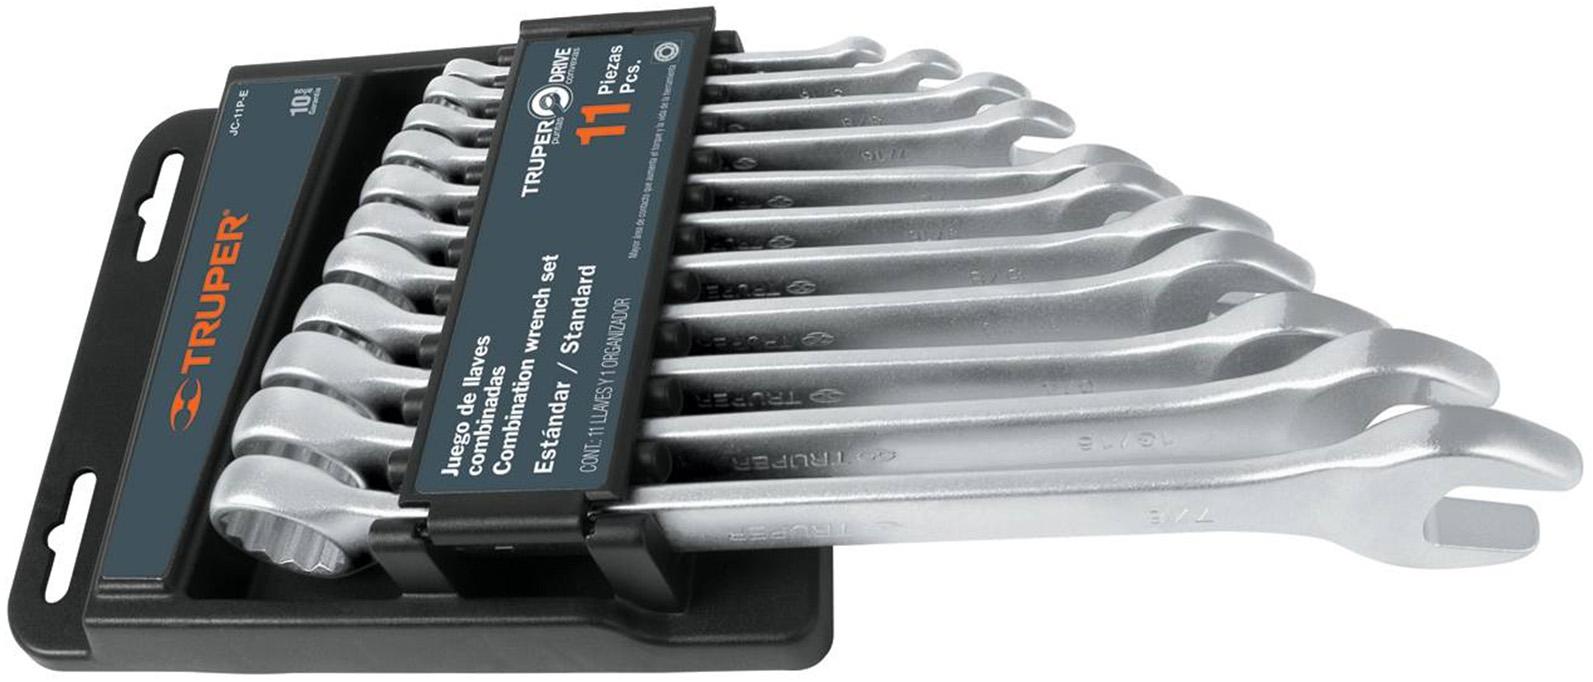 Набор комбинированных гаечных ключей в чехле, 11 шт. Truper Jc-11m-e 15779